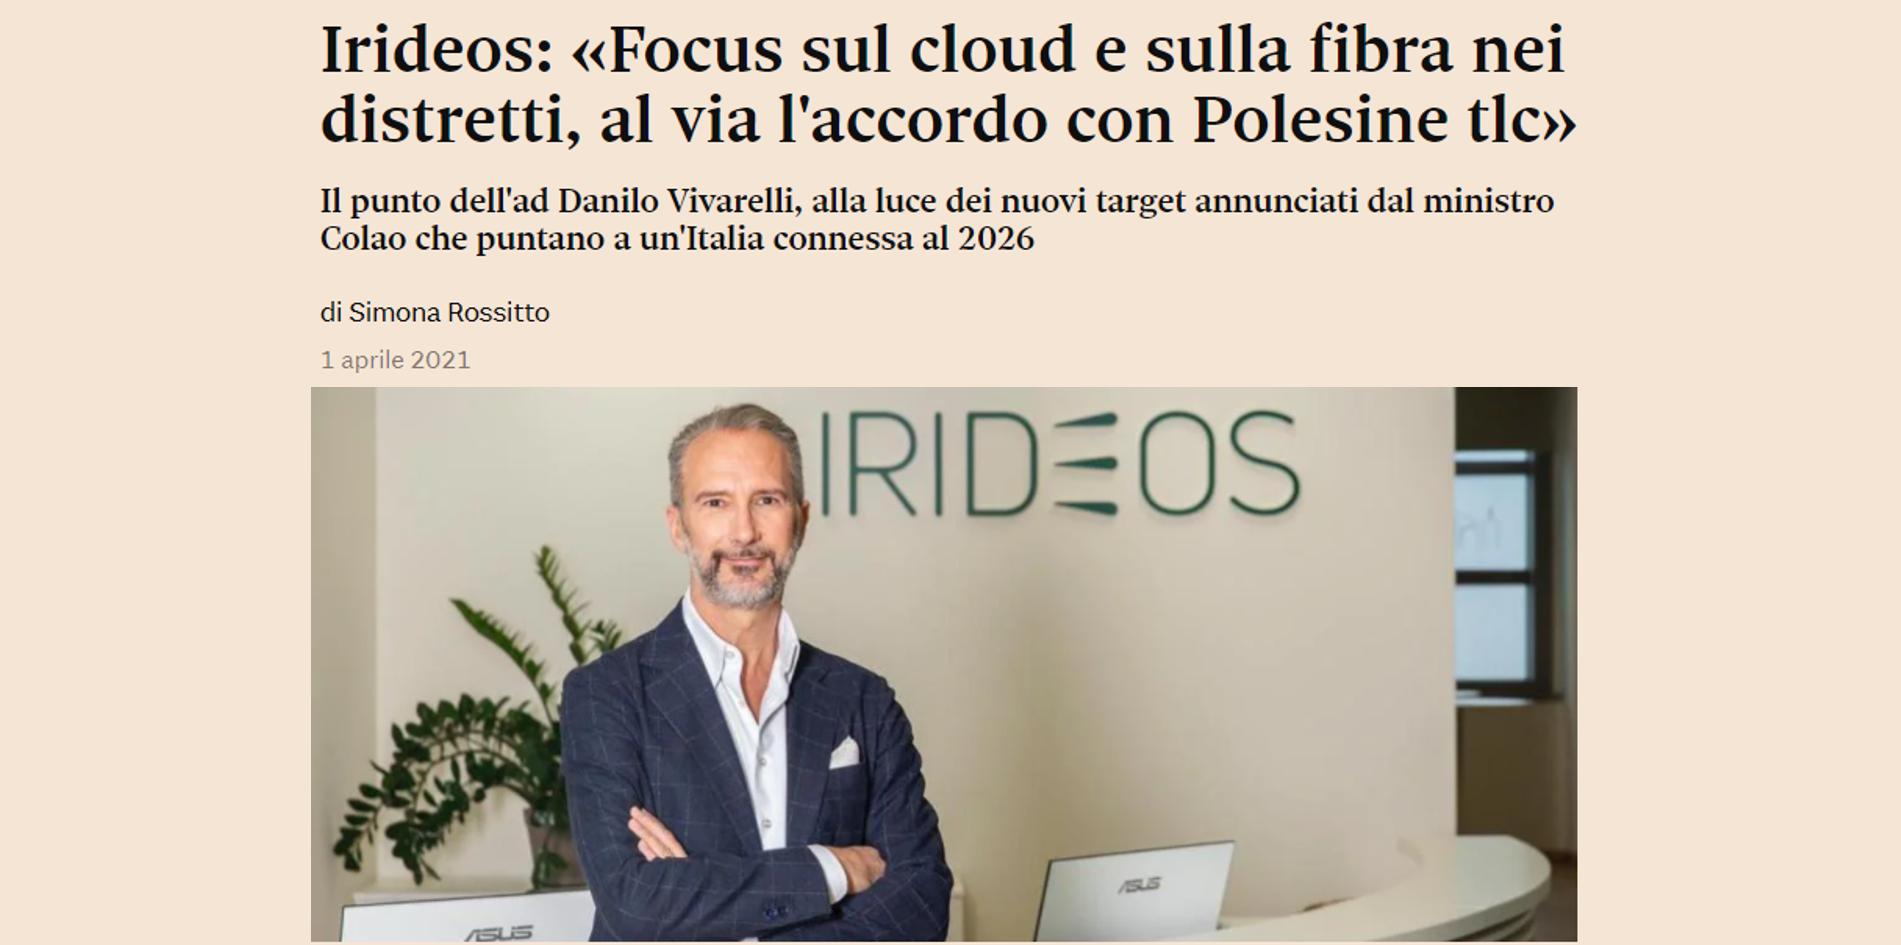 Sole 24 Ore- Irideos: «Focus sul cloud e sulla fibra nei distretti, al via l'accordo con Polesine tlc»